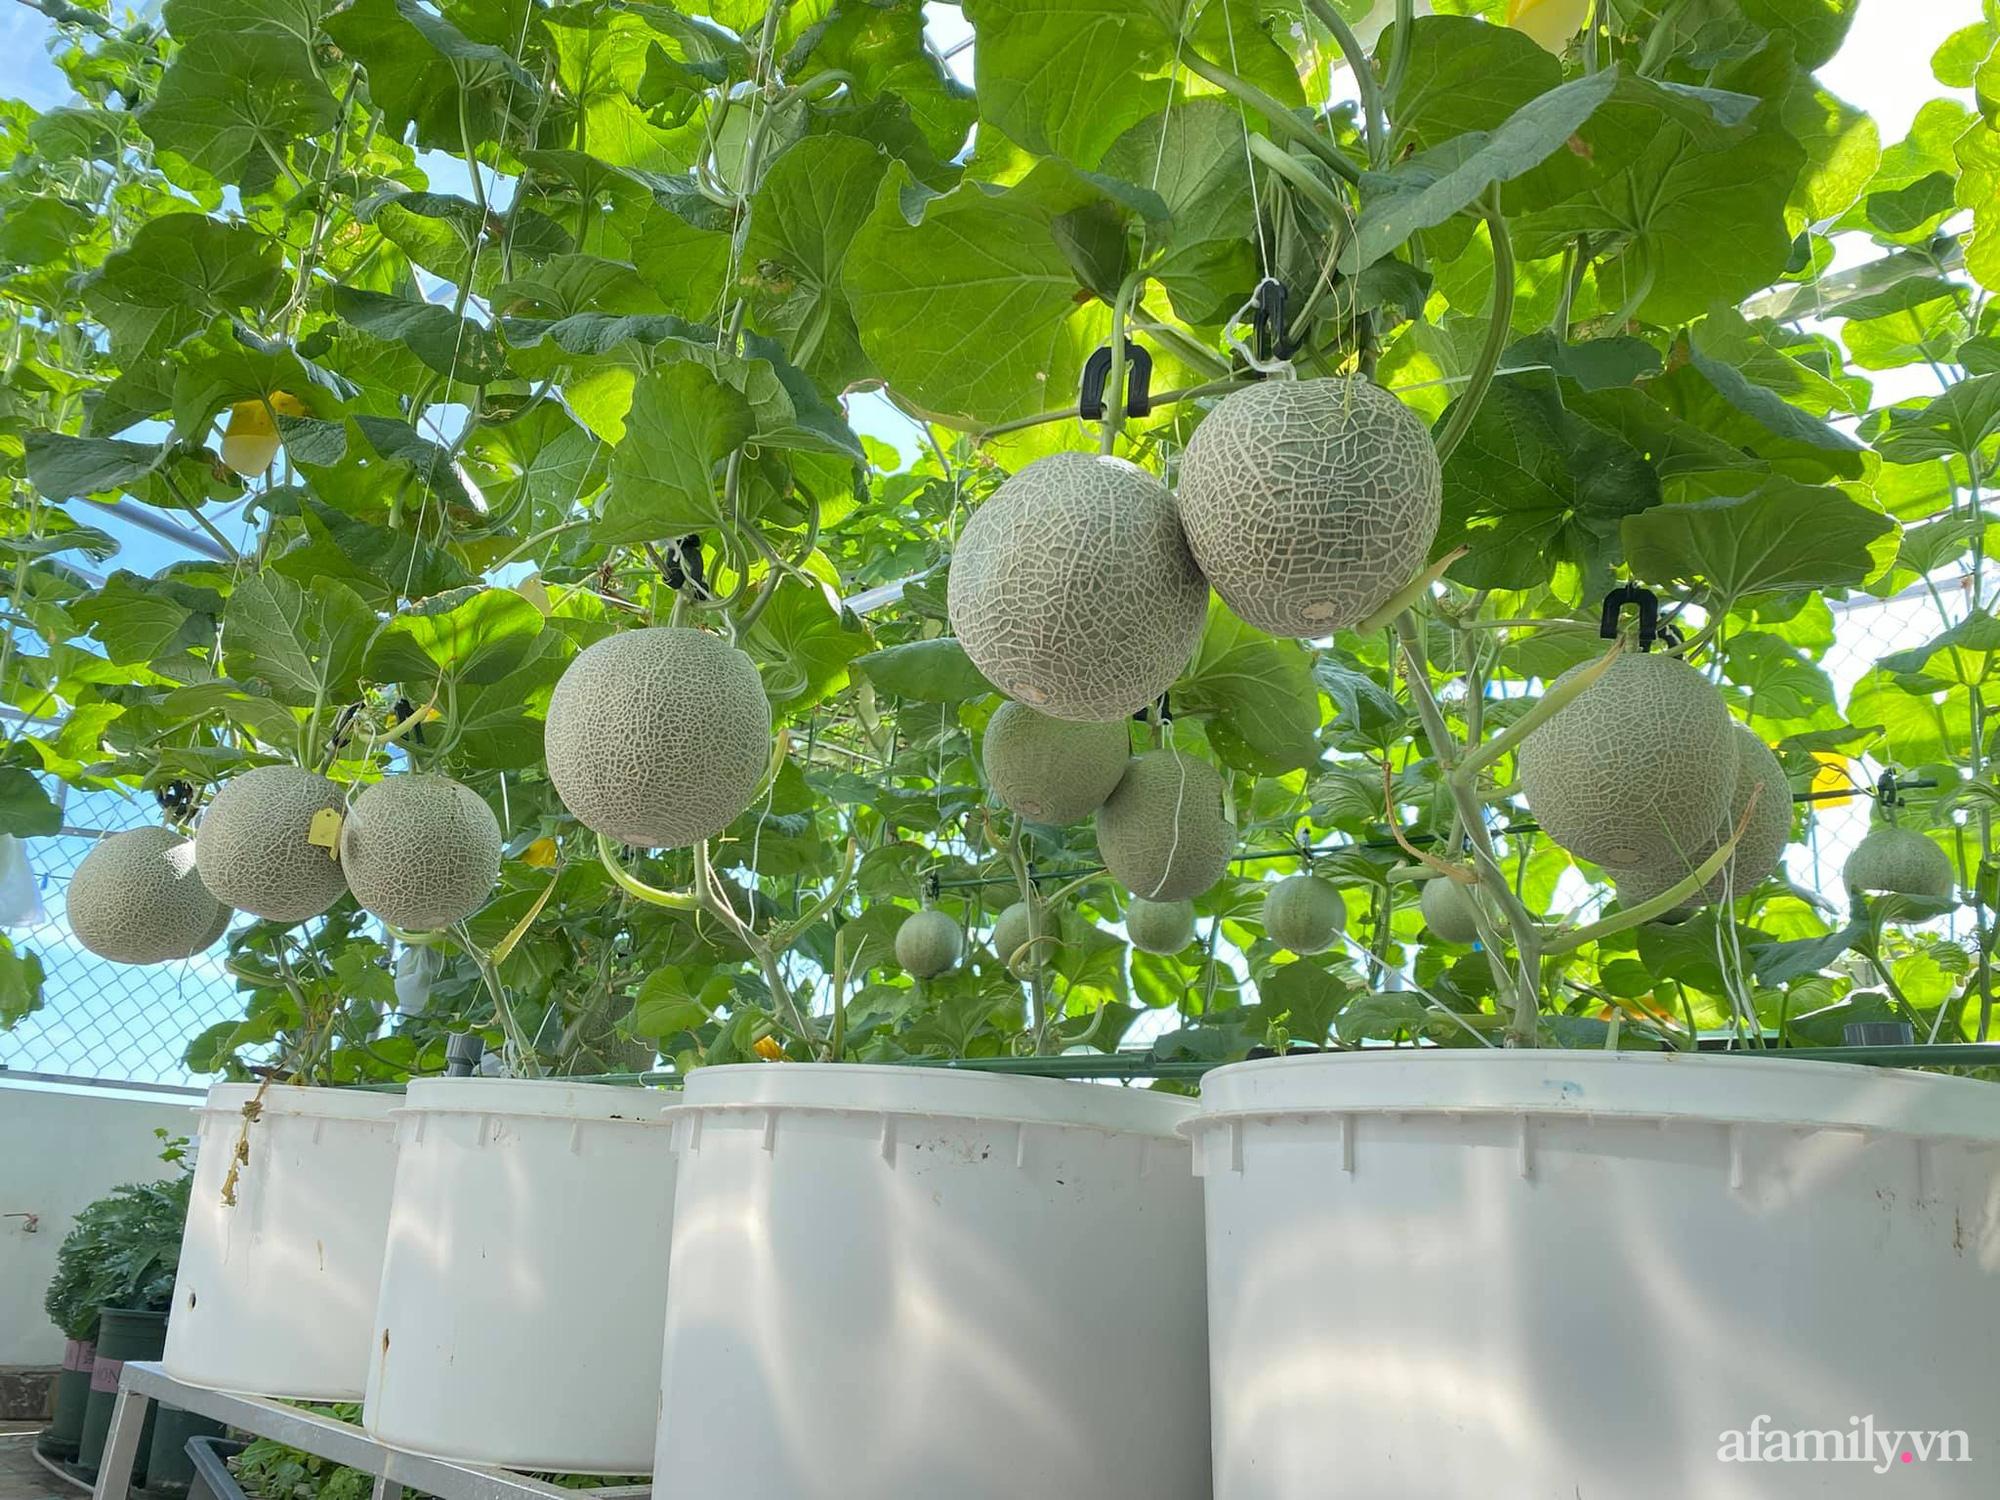 Giãn cách không ra khỏi nhà vẫn đủ rau quả thưởng thức nhờ vườn cây xanh um trên sân thượng ở Đà Nẵng - Ảnh 7.